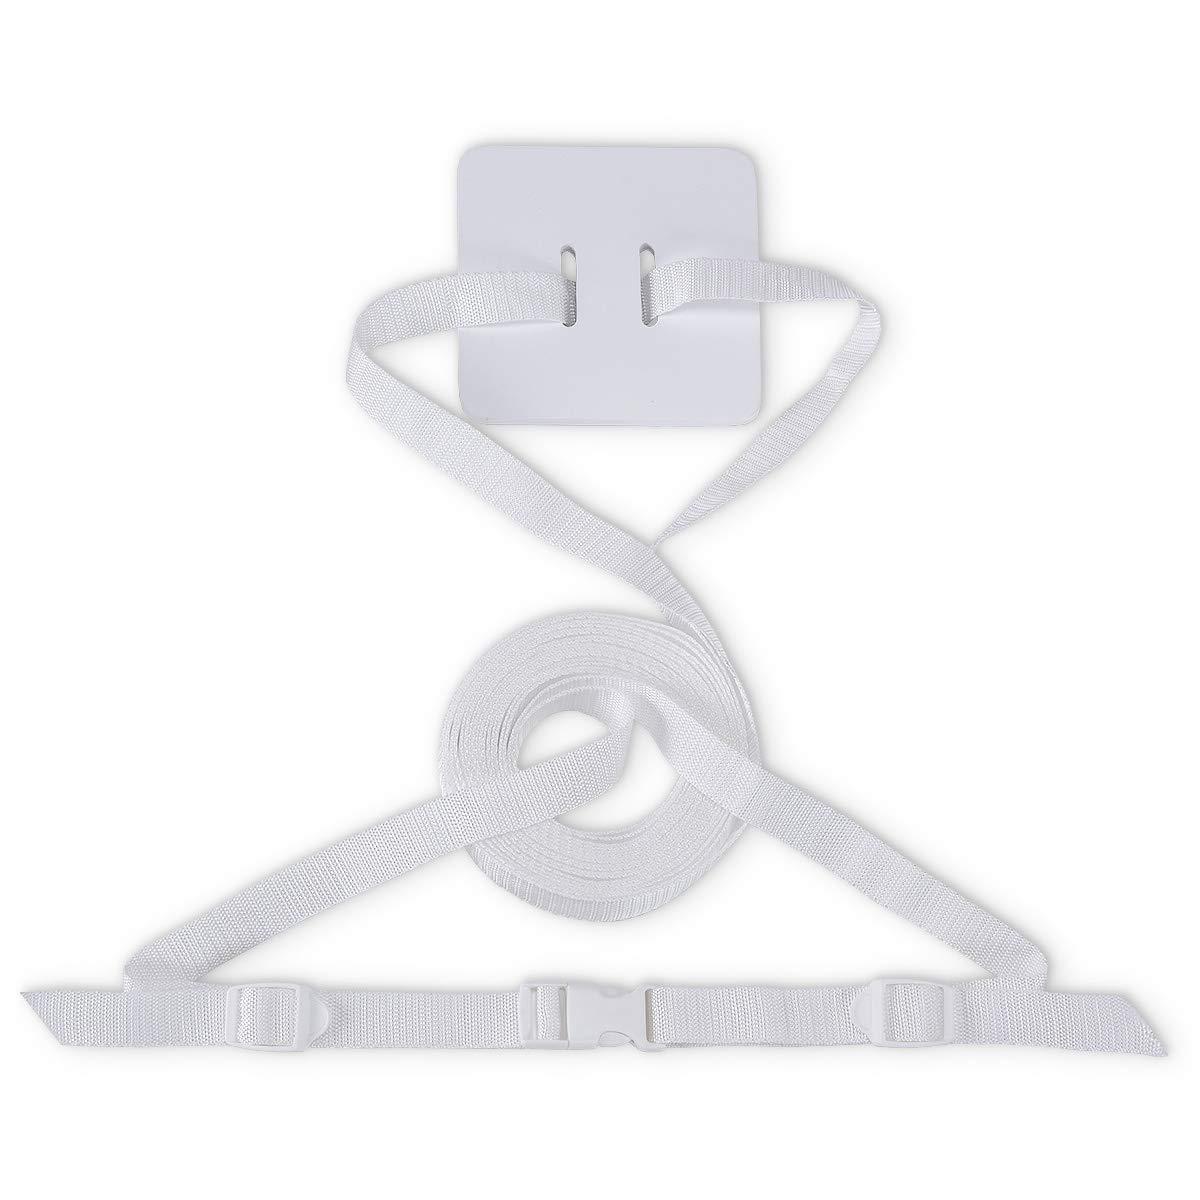 Fijaci/ón universal para cama con somier FabiMax 4203 color blanco